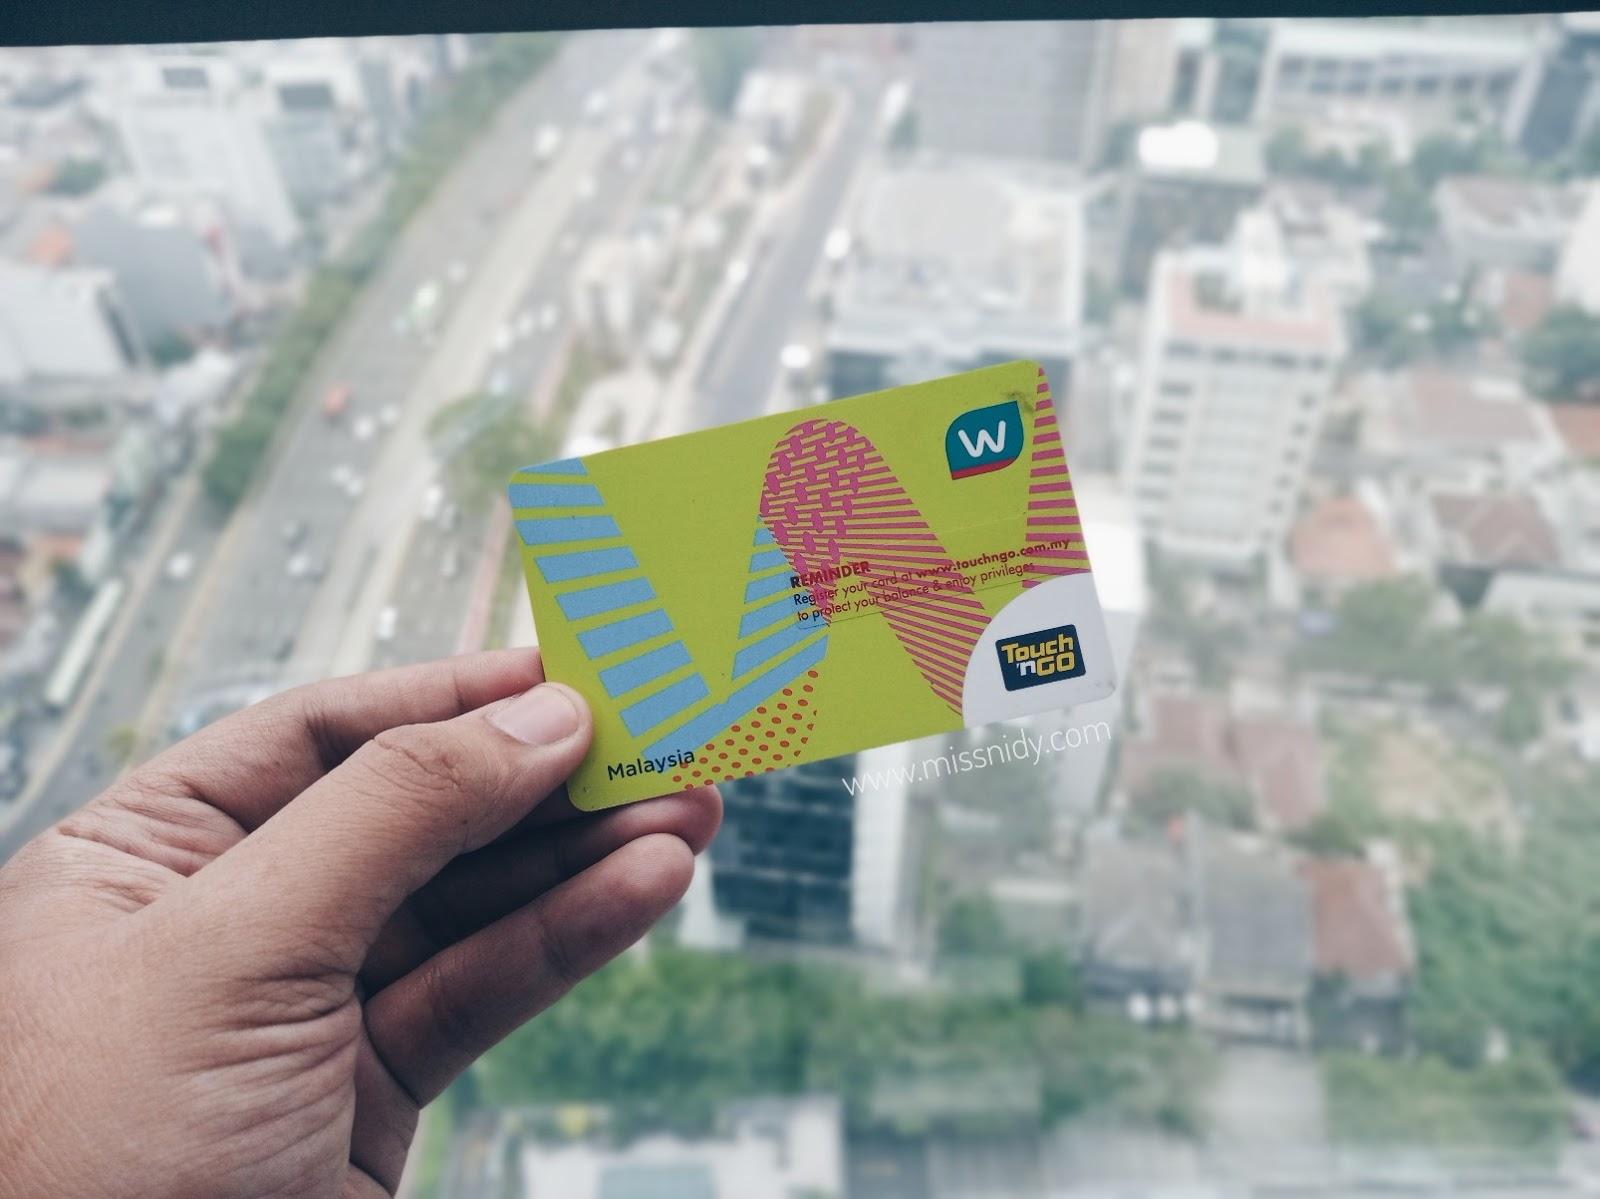 biaya membuat member card watsons